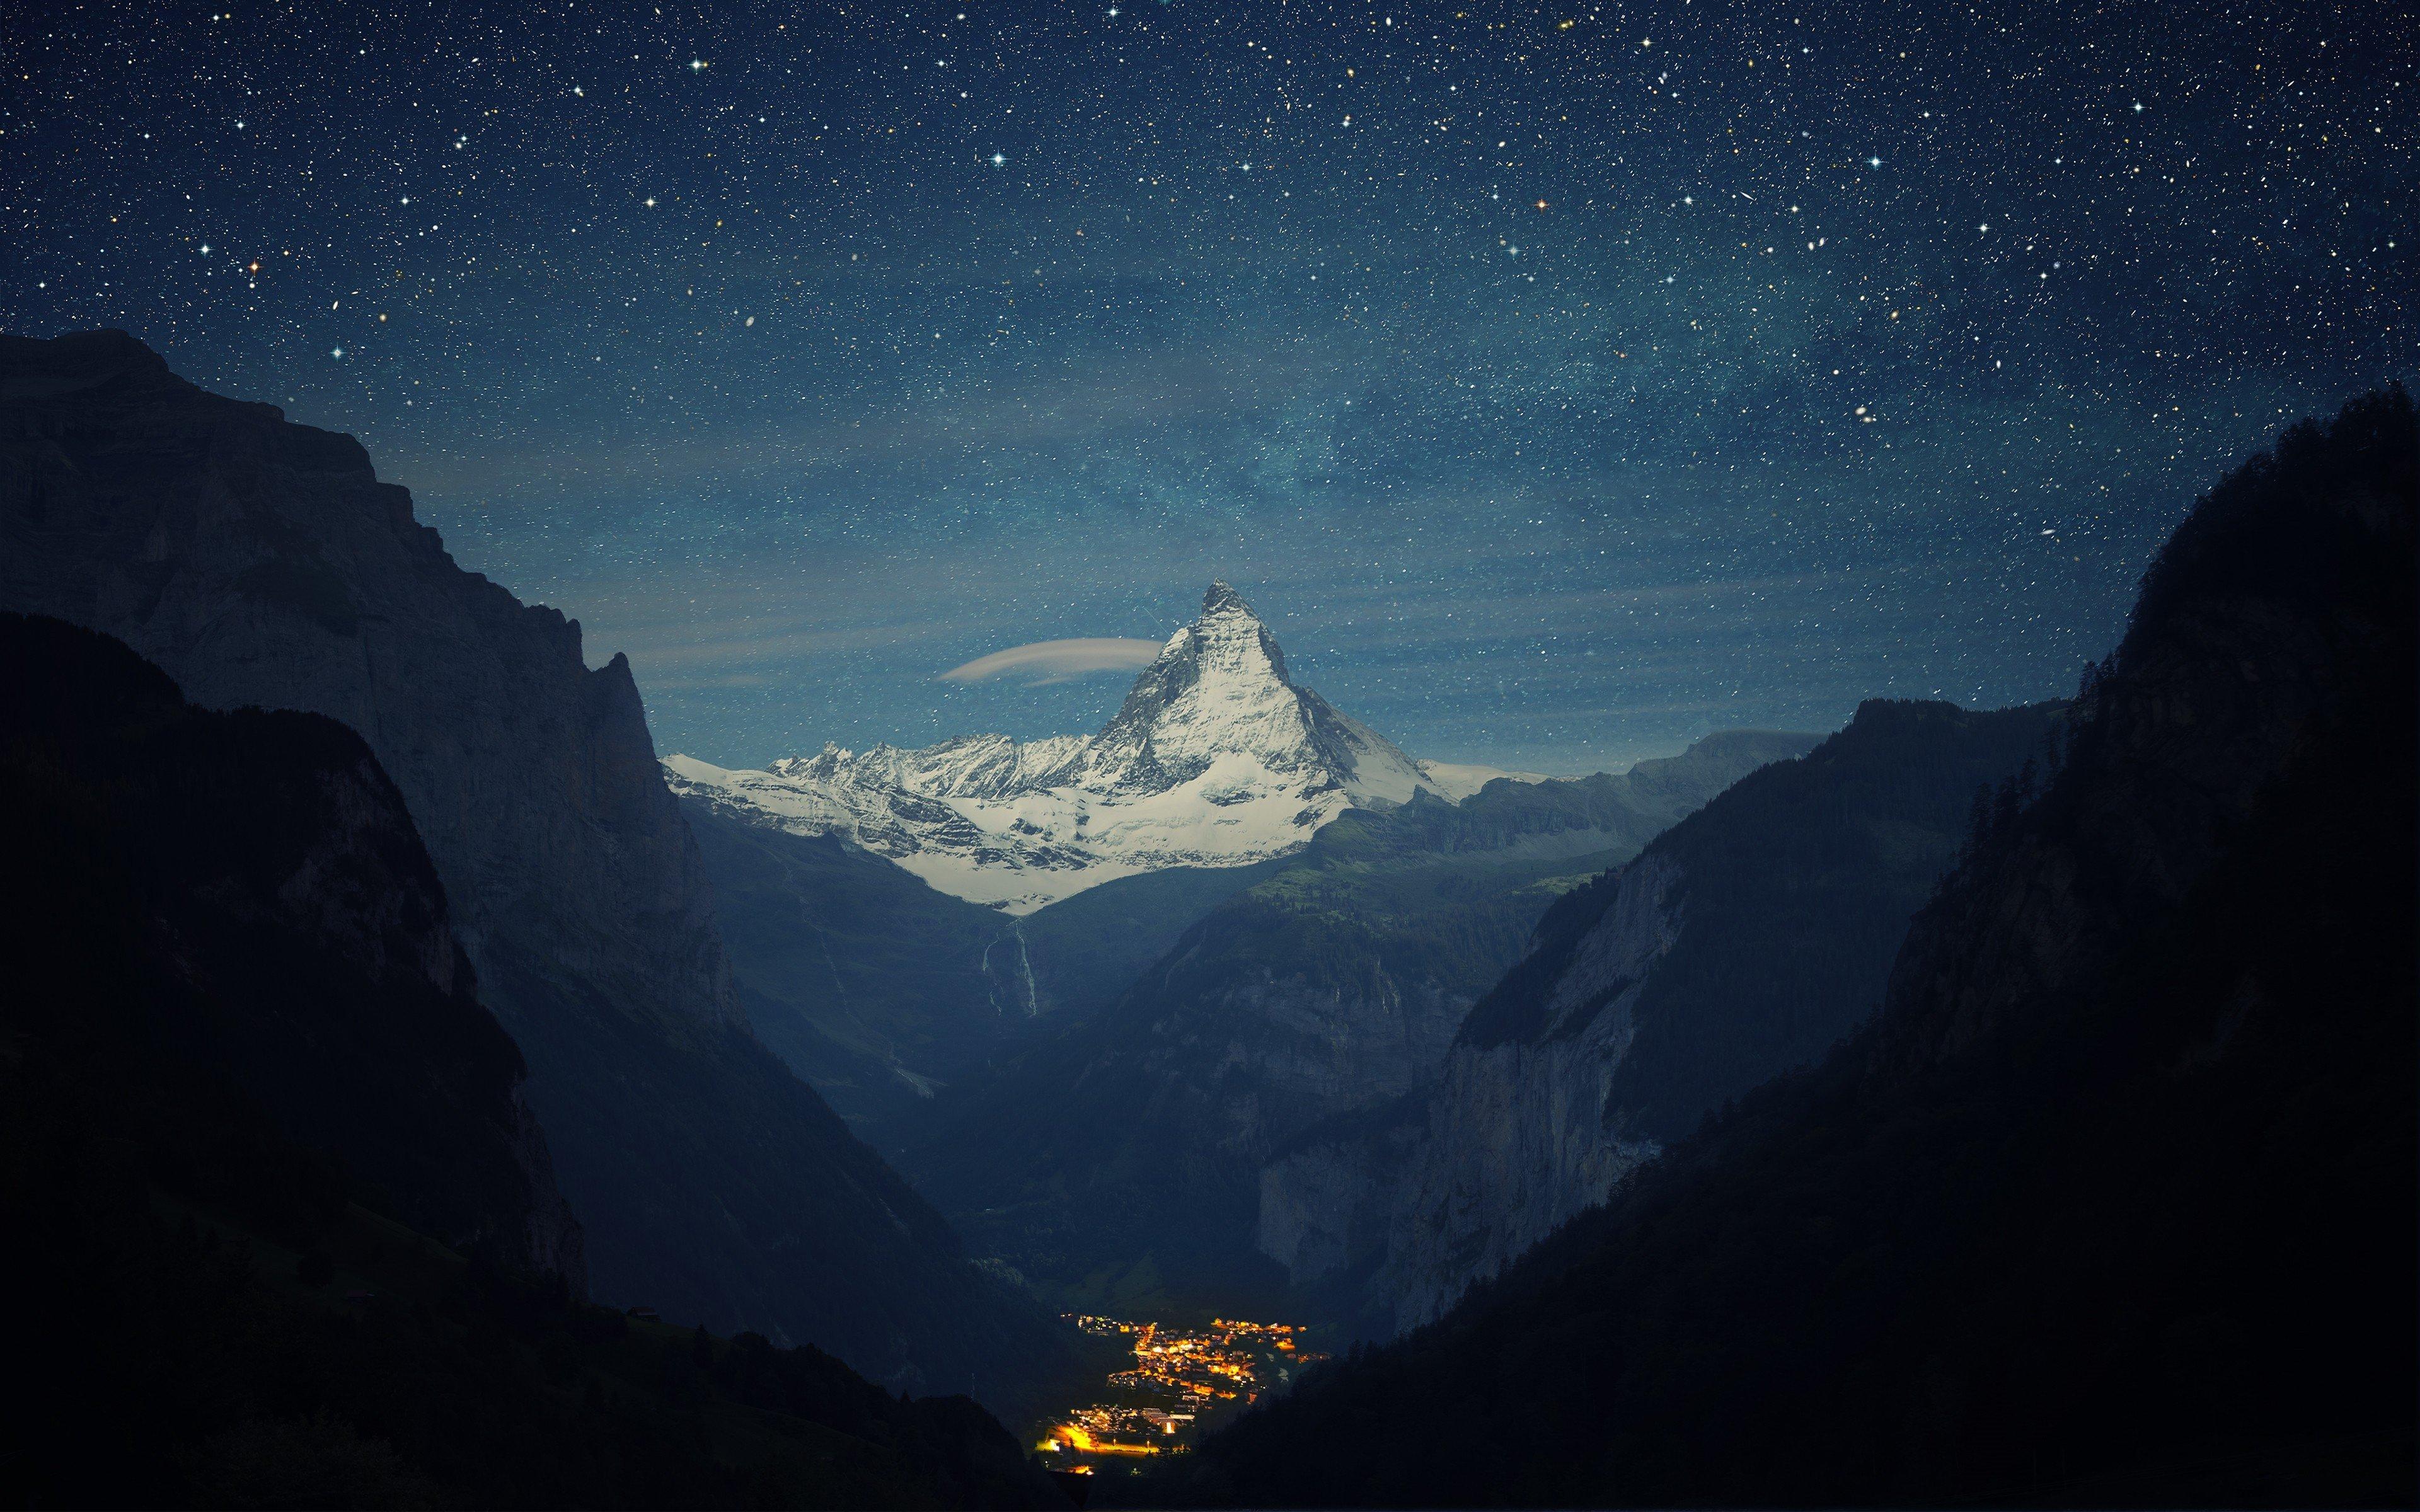 Les vuit muntanyes, de Paolo Cognetti